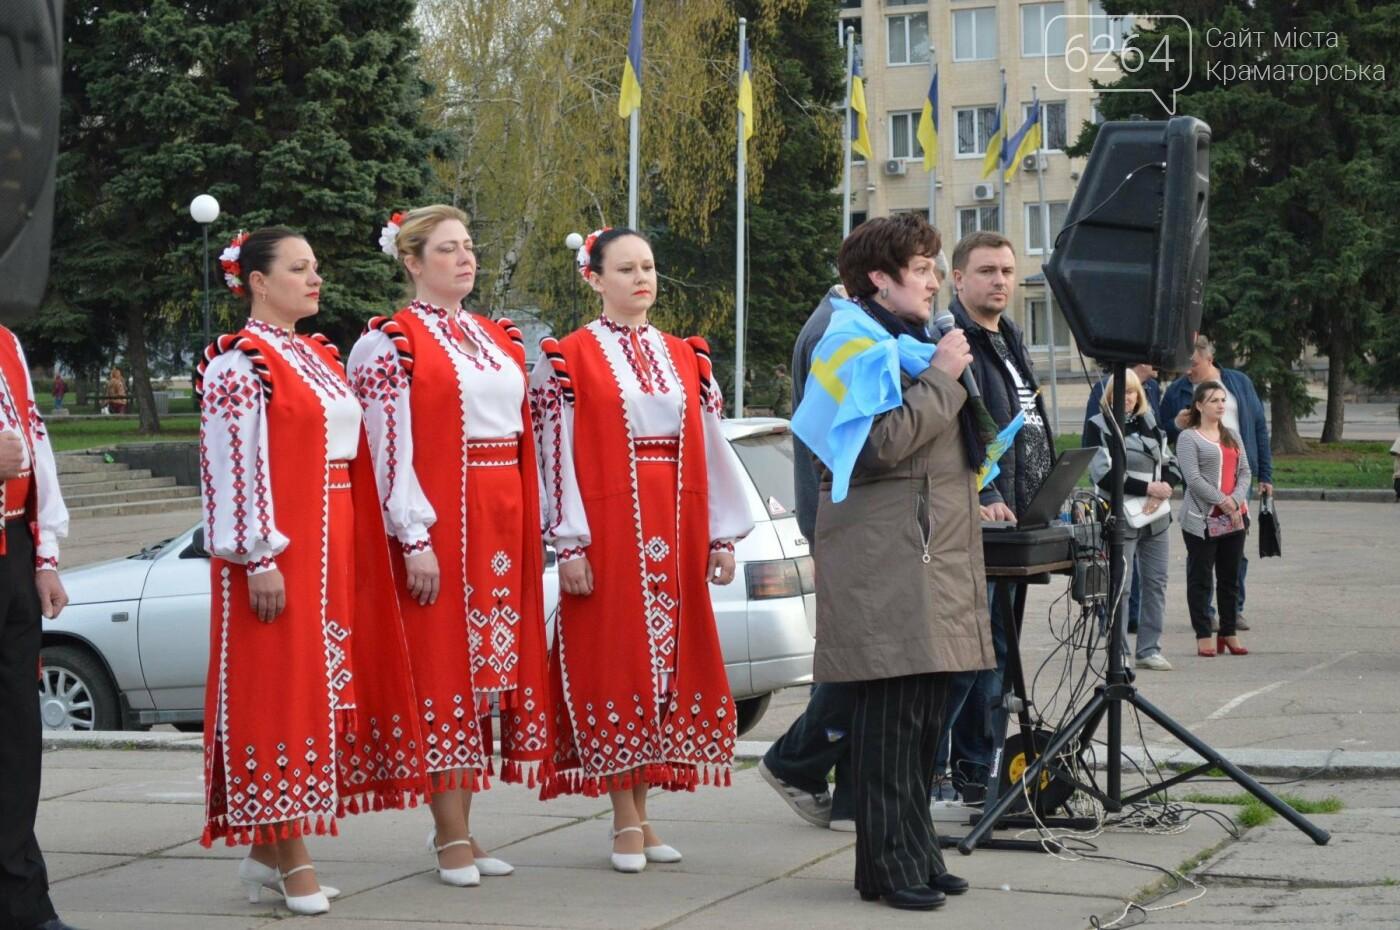 «Хай пам'ятає кремлівська тварина: Краматорськ – це Україна»: центром міста пройшов марш єдності, фото-8